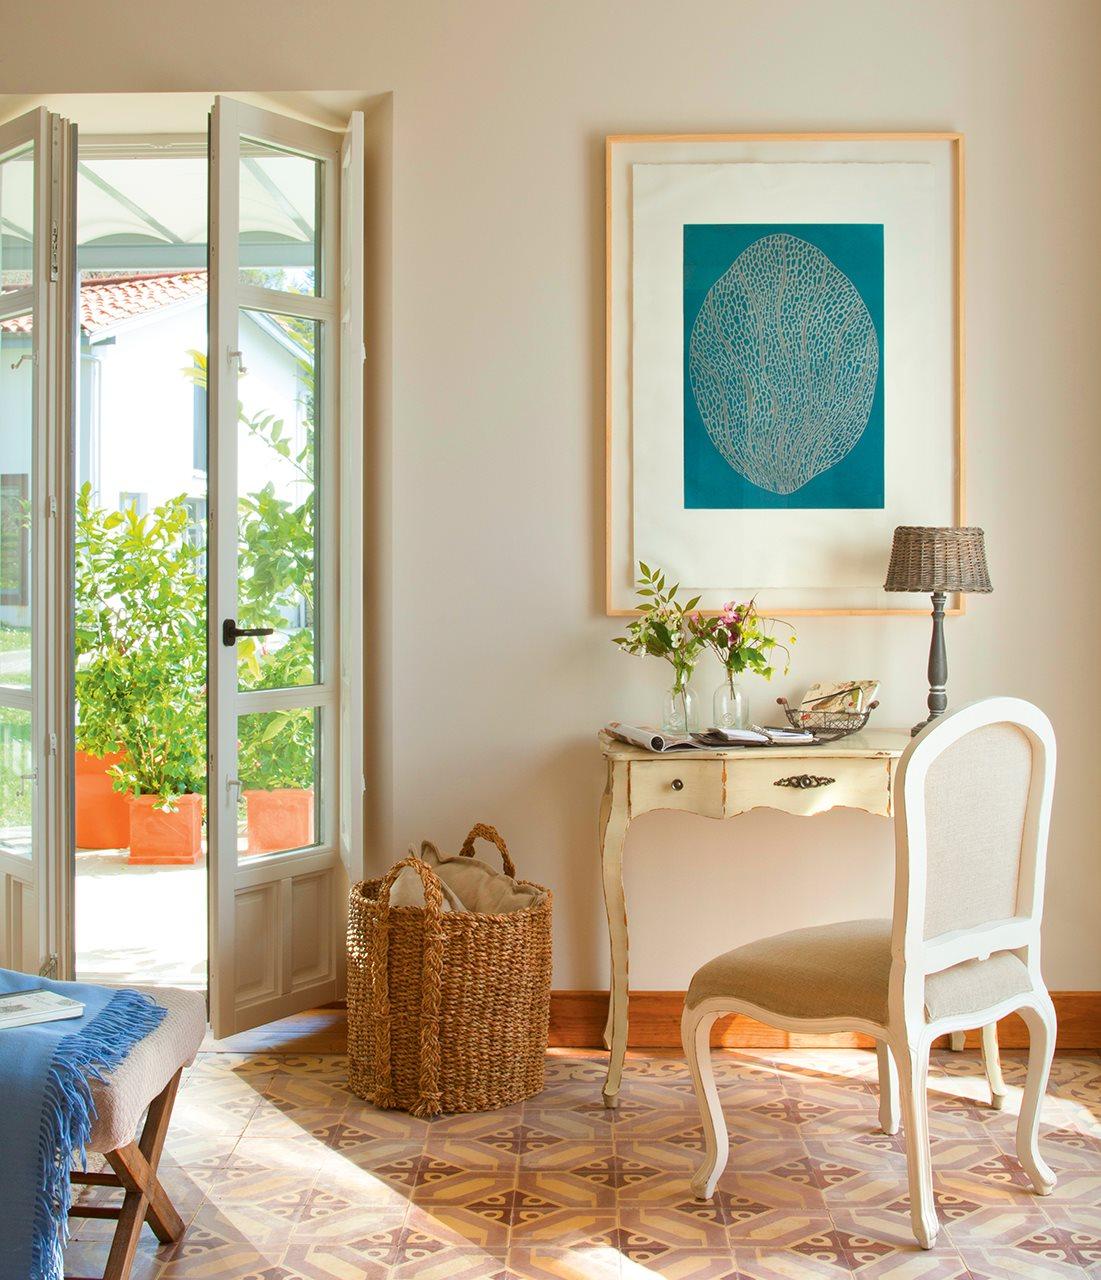 Escritorio con cuadros y flores encima. Colgado sobre un mueble.